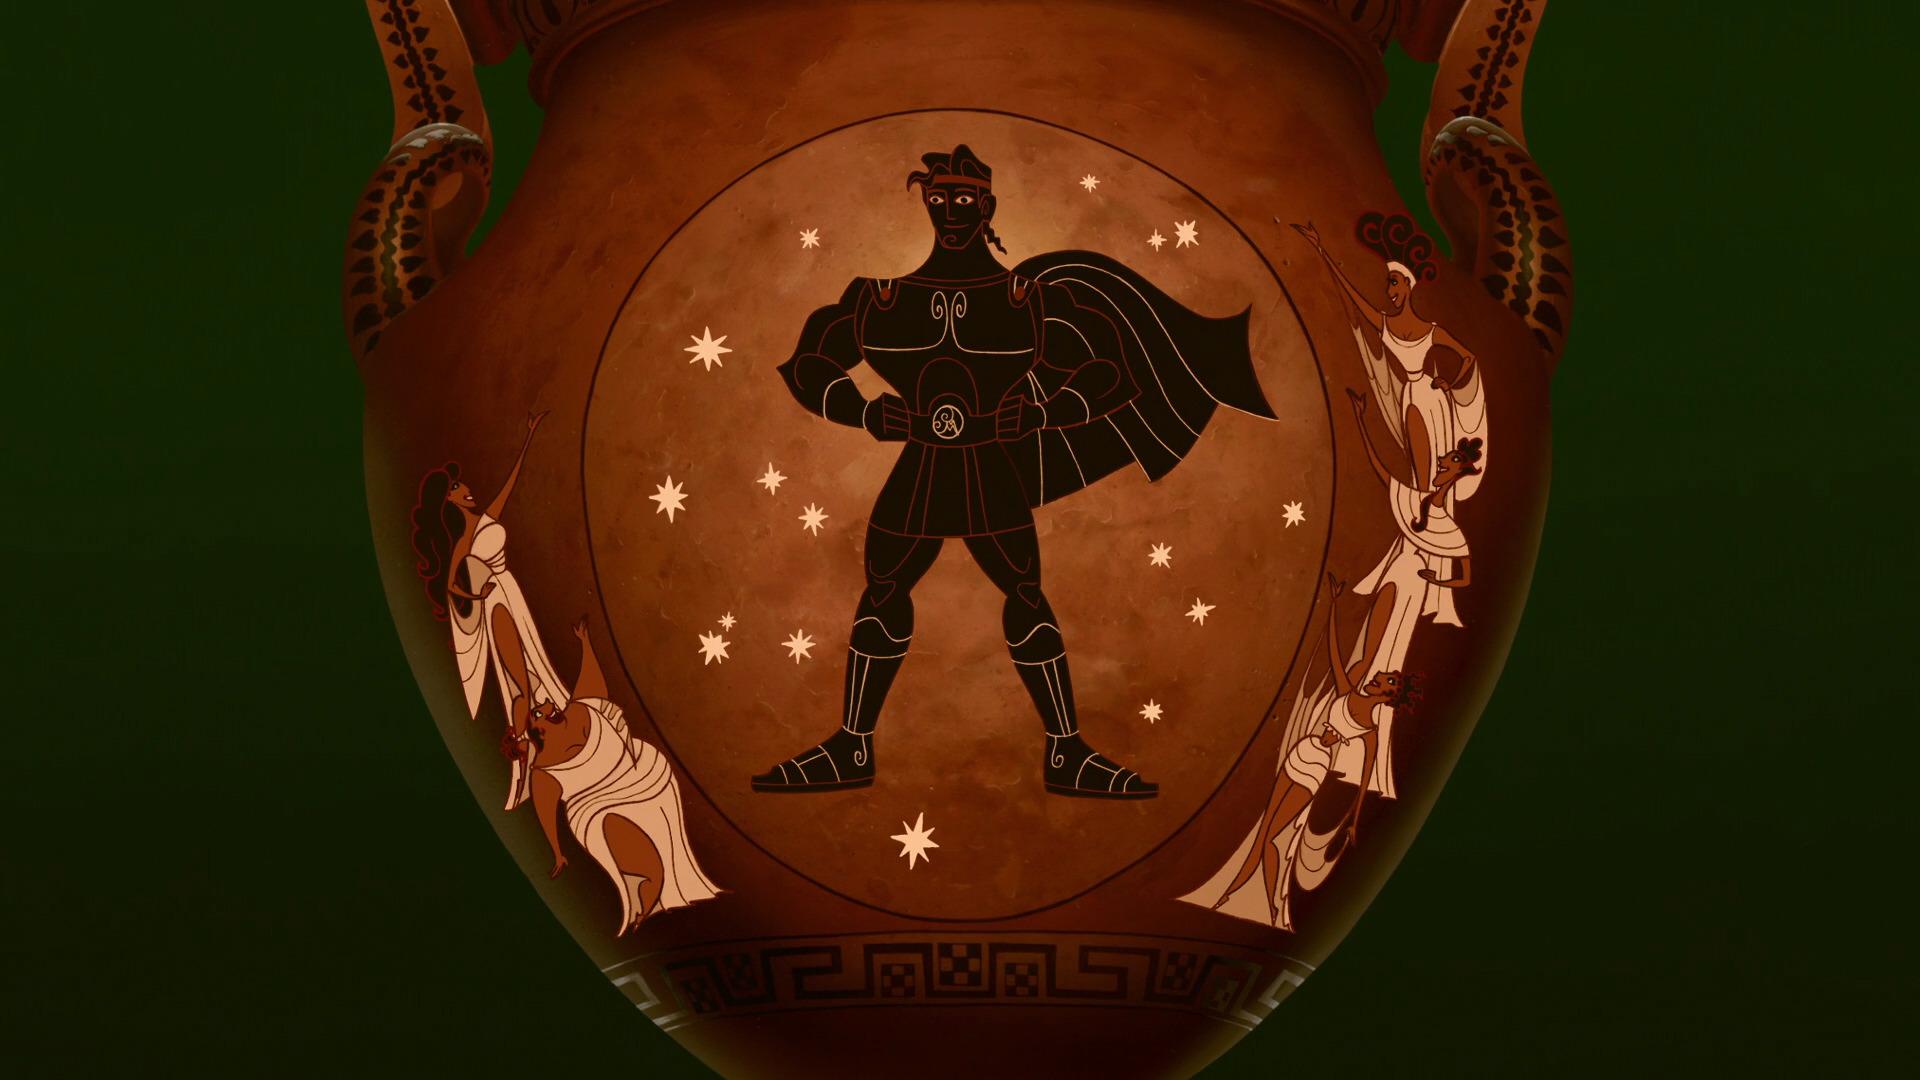 hercules-br-disneyscreencaps.com-10357.jpg